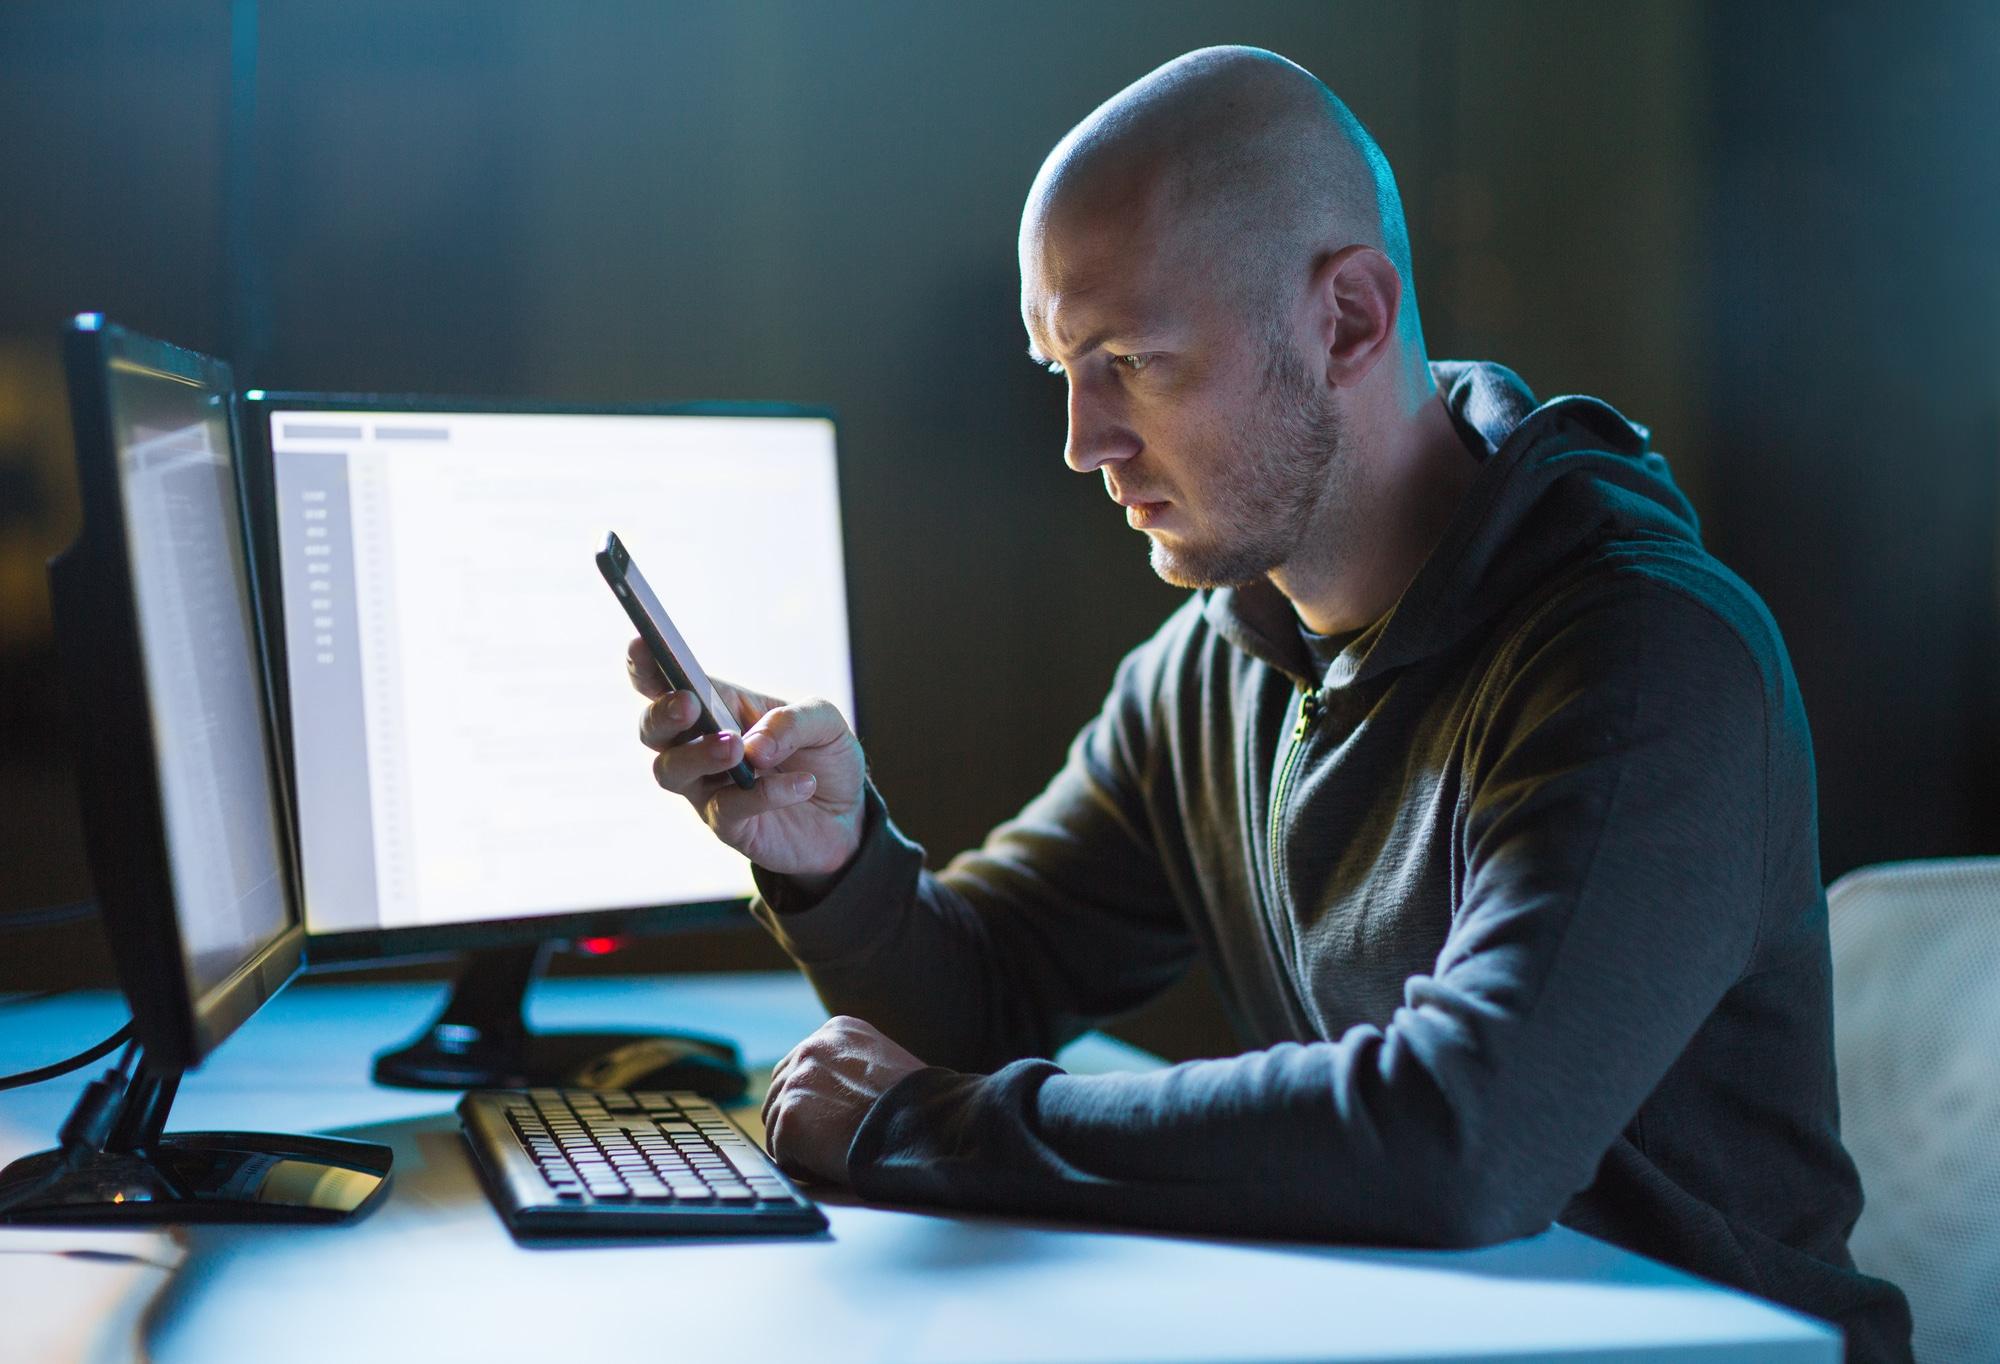 Attenti a TangleBot, il malware che attacca android e ruba dati sensibili thumbnail